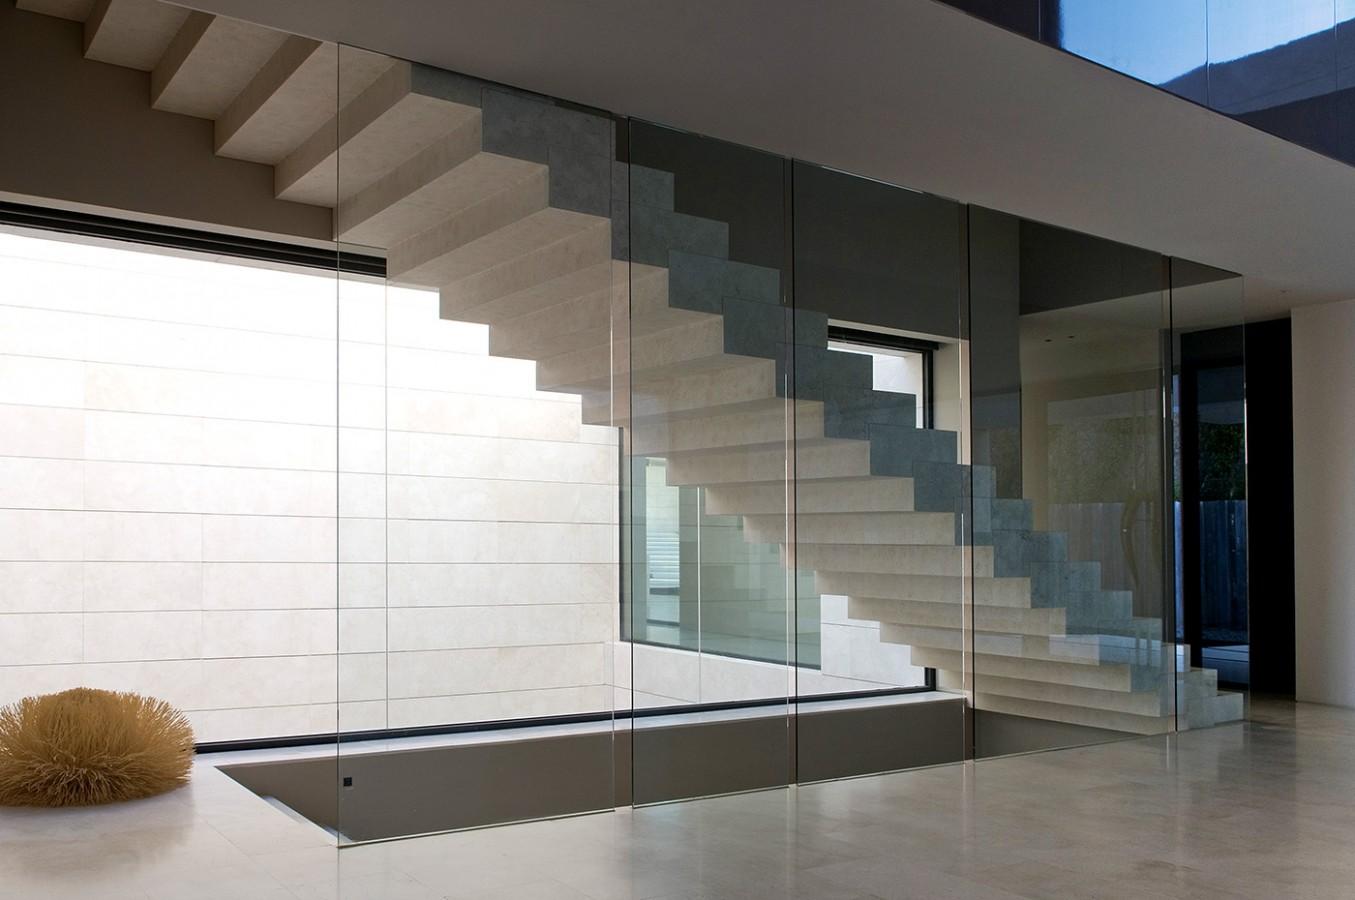 Marbella II - interior staircase